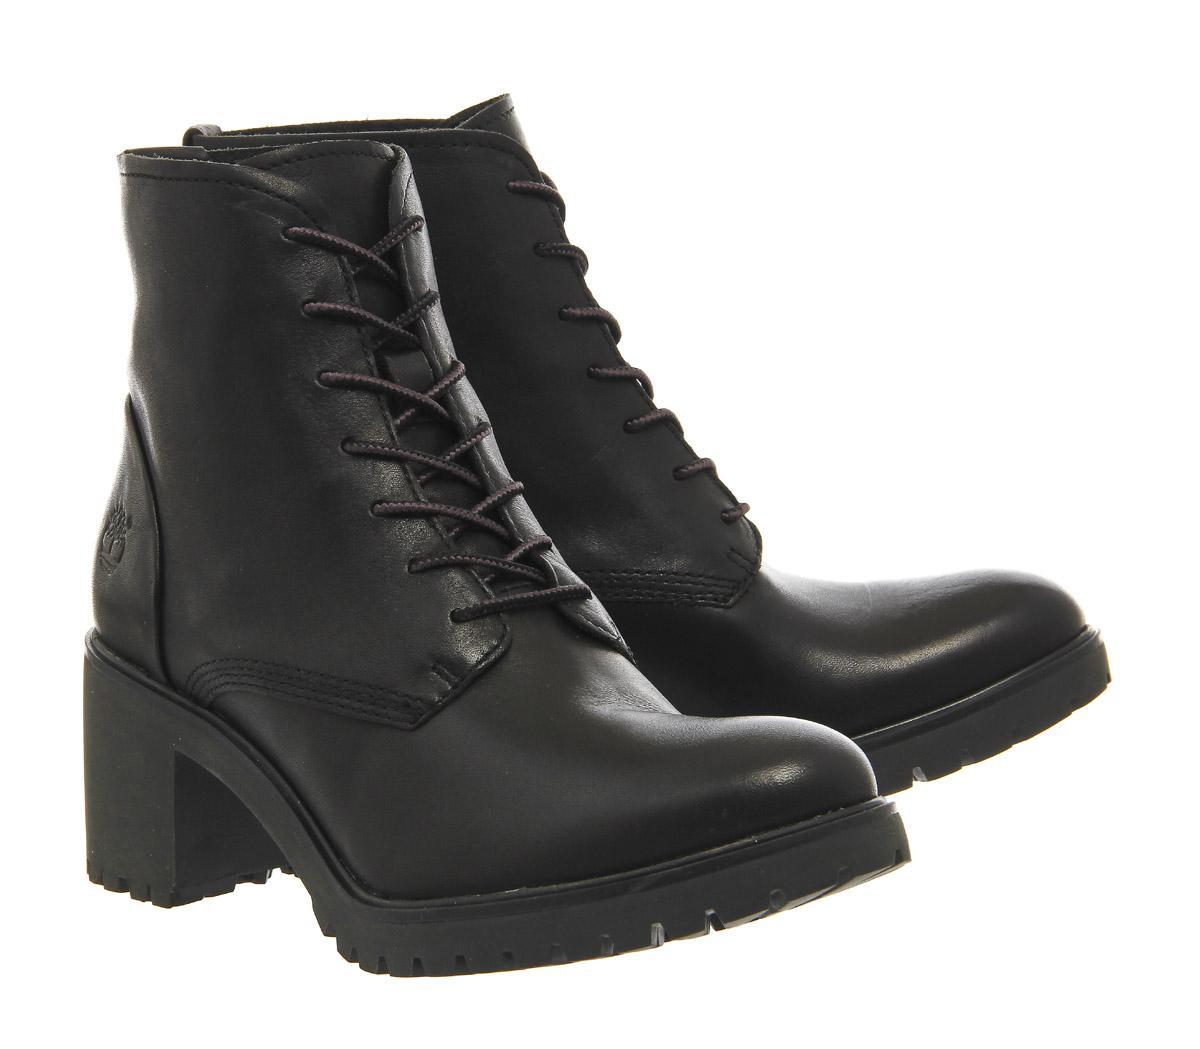 Timberland Boots Womens - Timberland Averly Lace Chukka Black